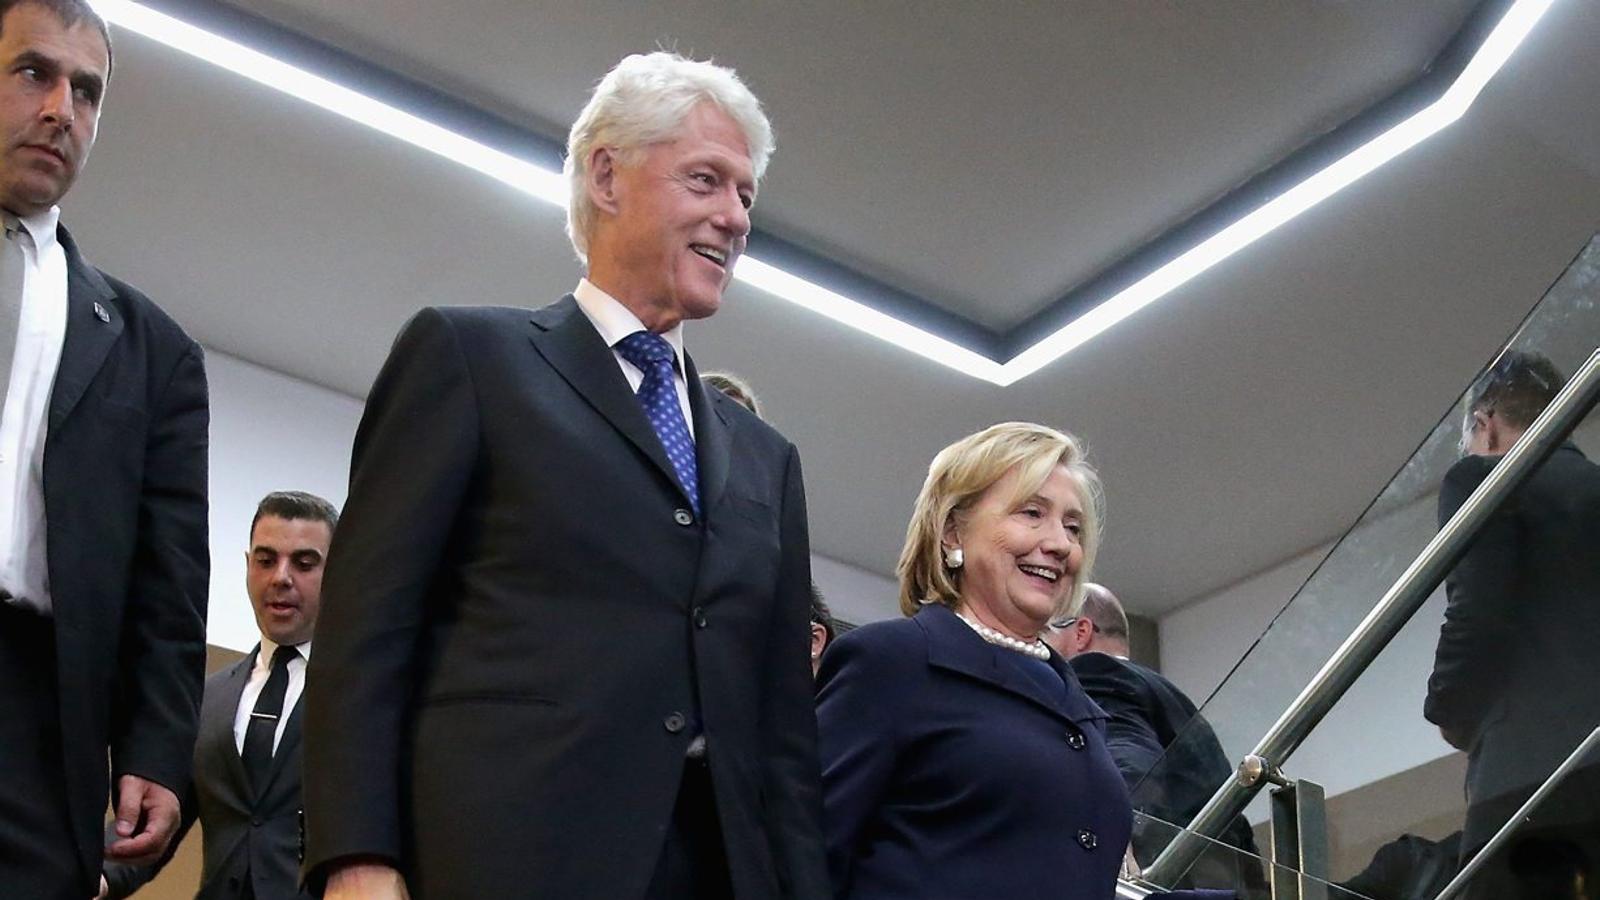 L'enèsima i última ocasió per mostrar la Hillary Clinton real